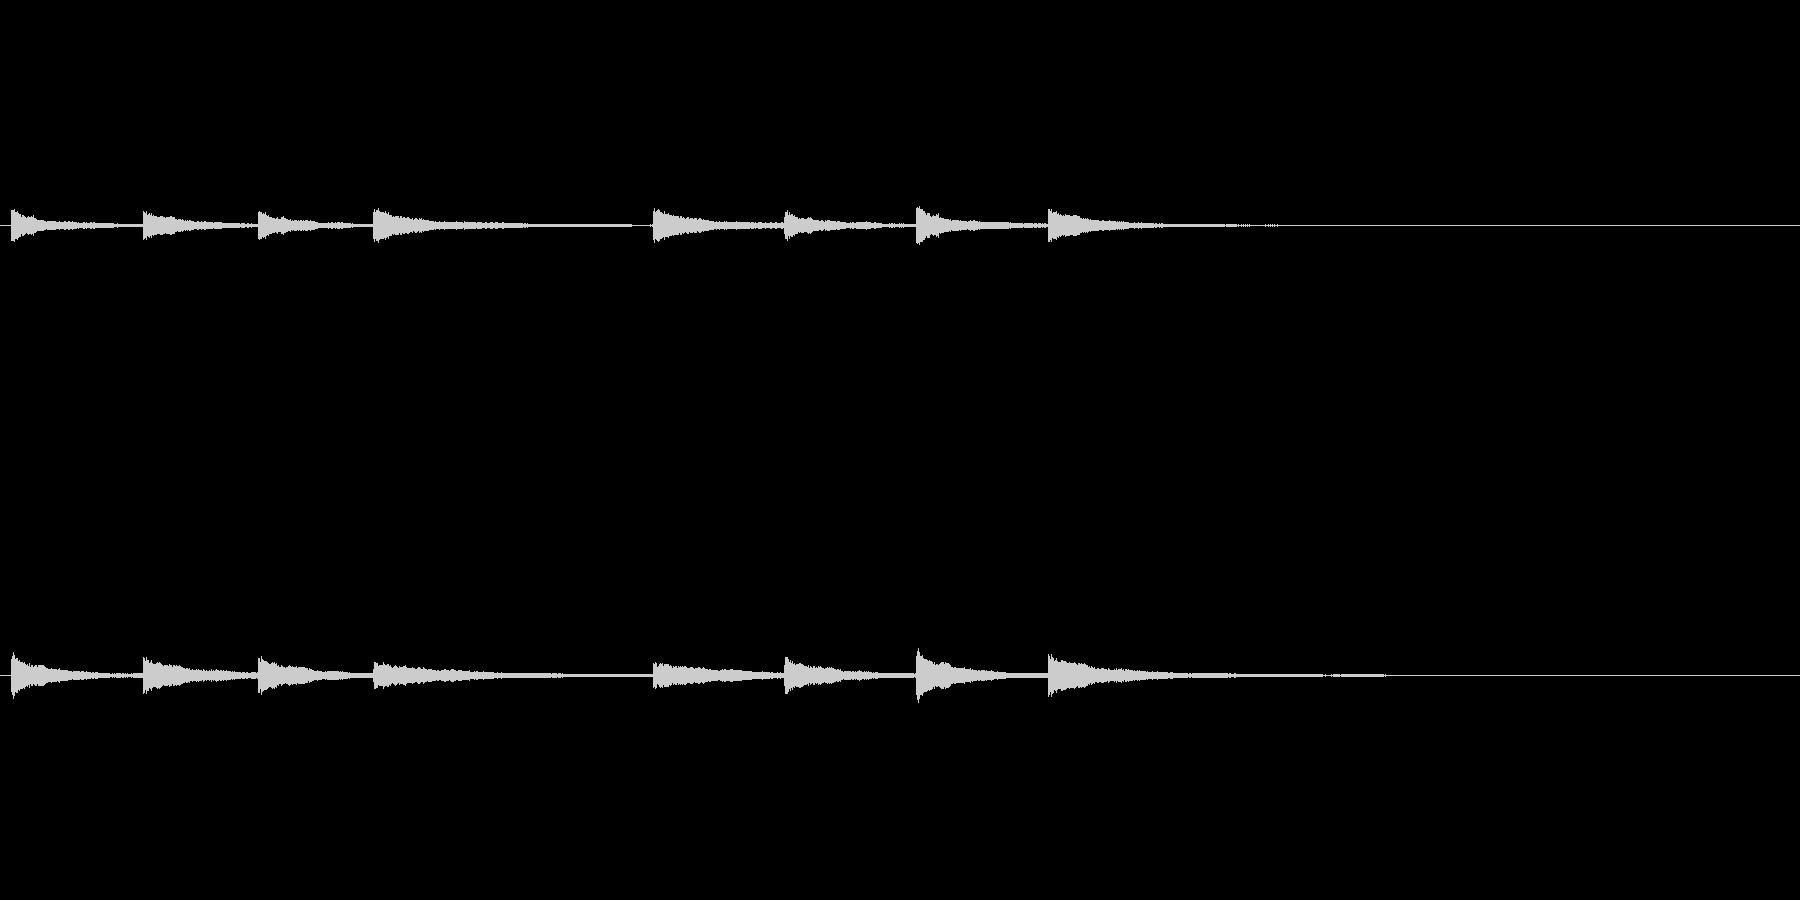 「キンコンカンコンコンキンコンカン 鐘」の未再生の波形